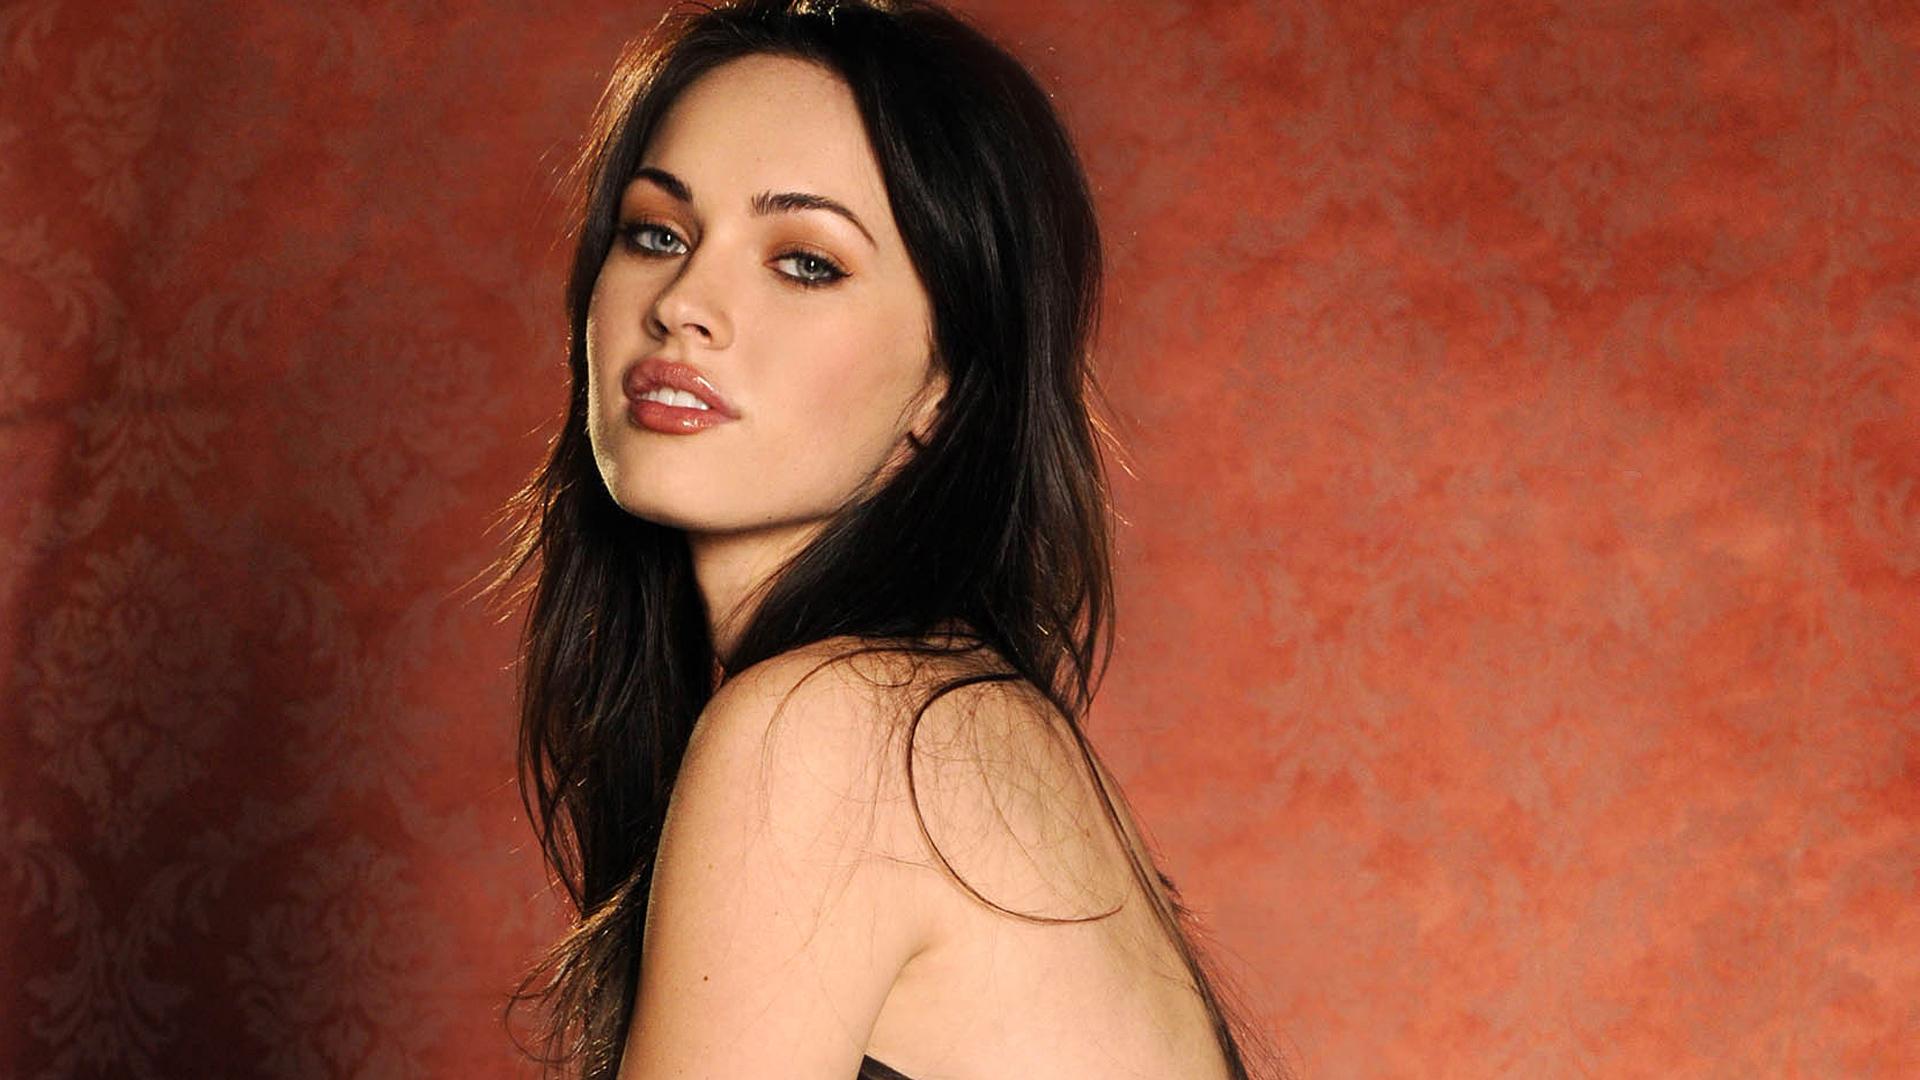 Megan Fox 31 wallpaper